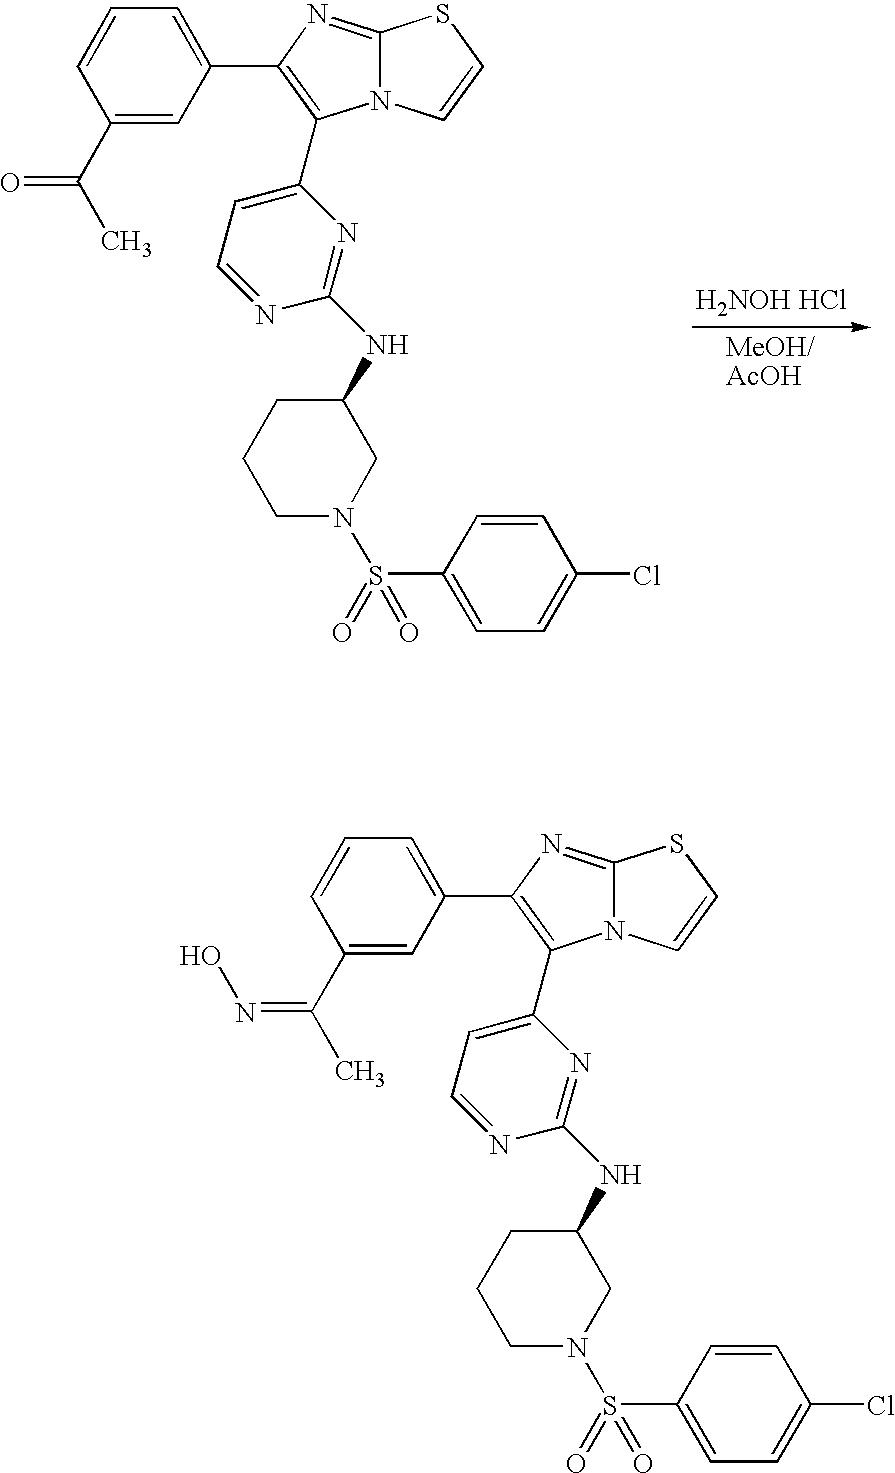 Figure US20090136499A1-20090528-C00058